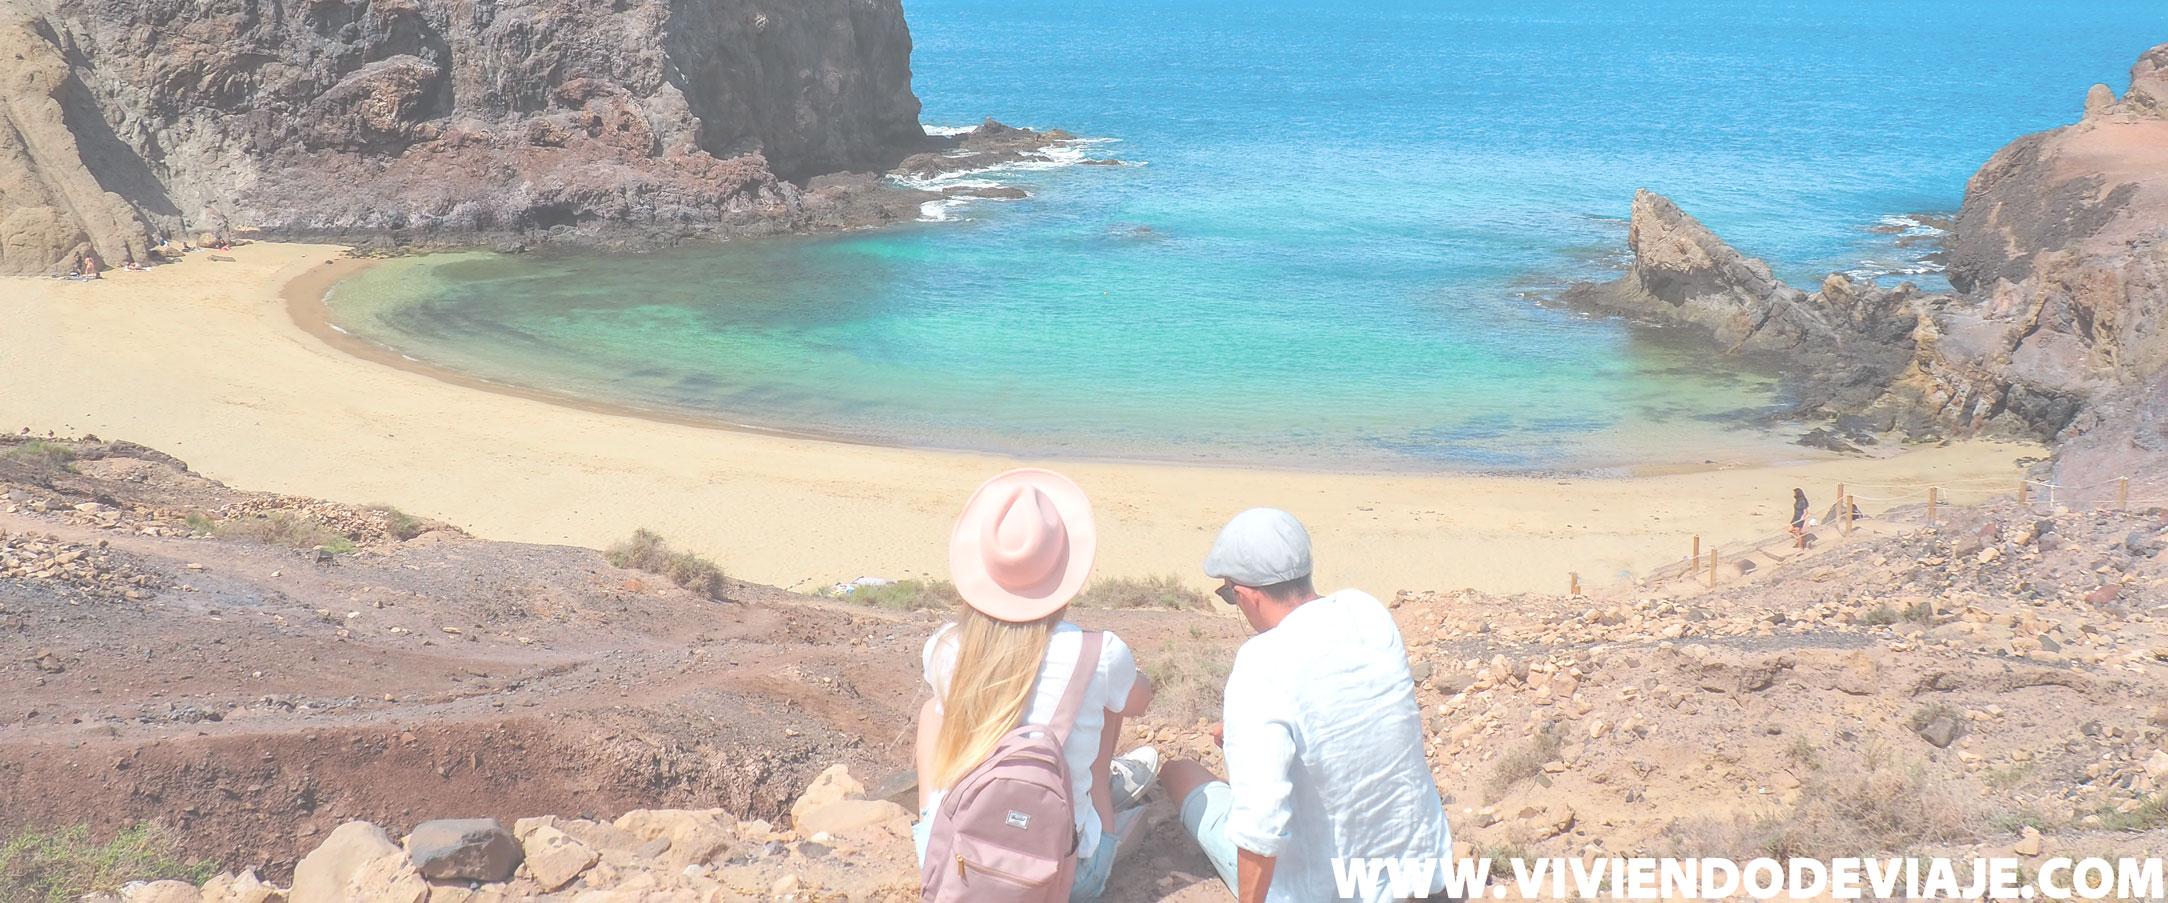 Guía de viaje a Lanzarote por libre